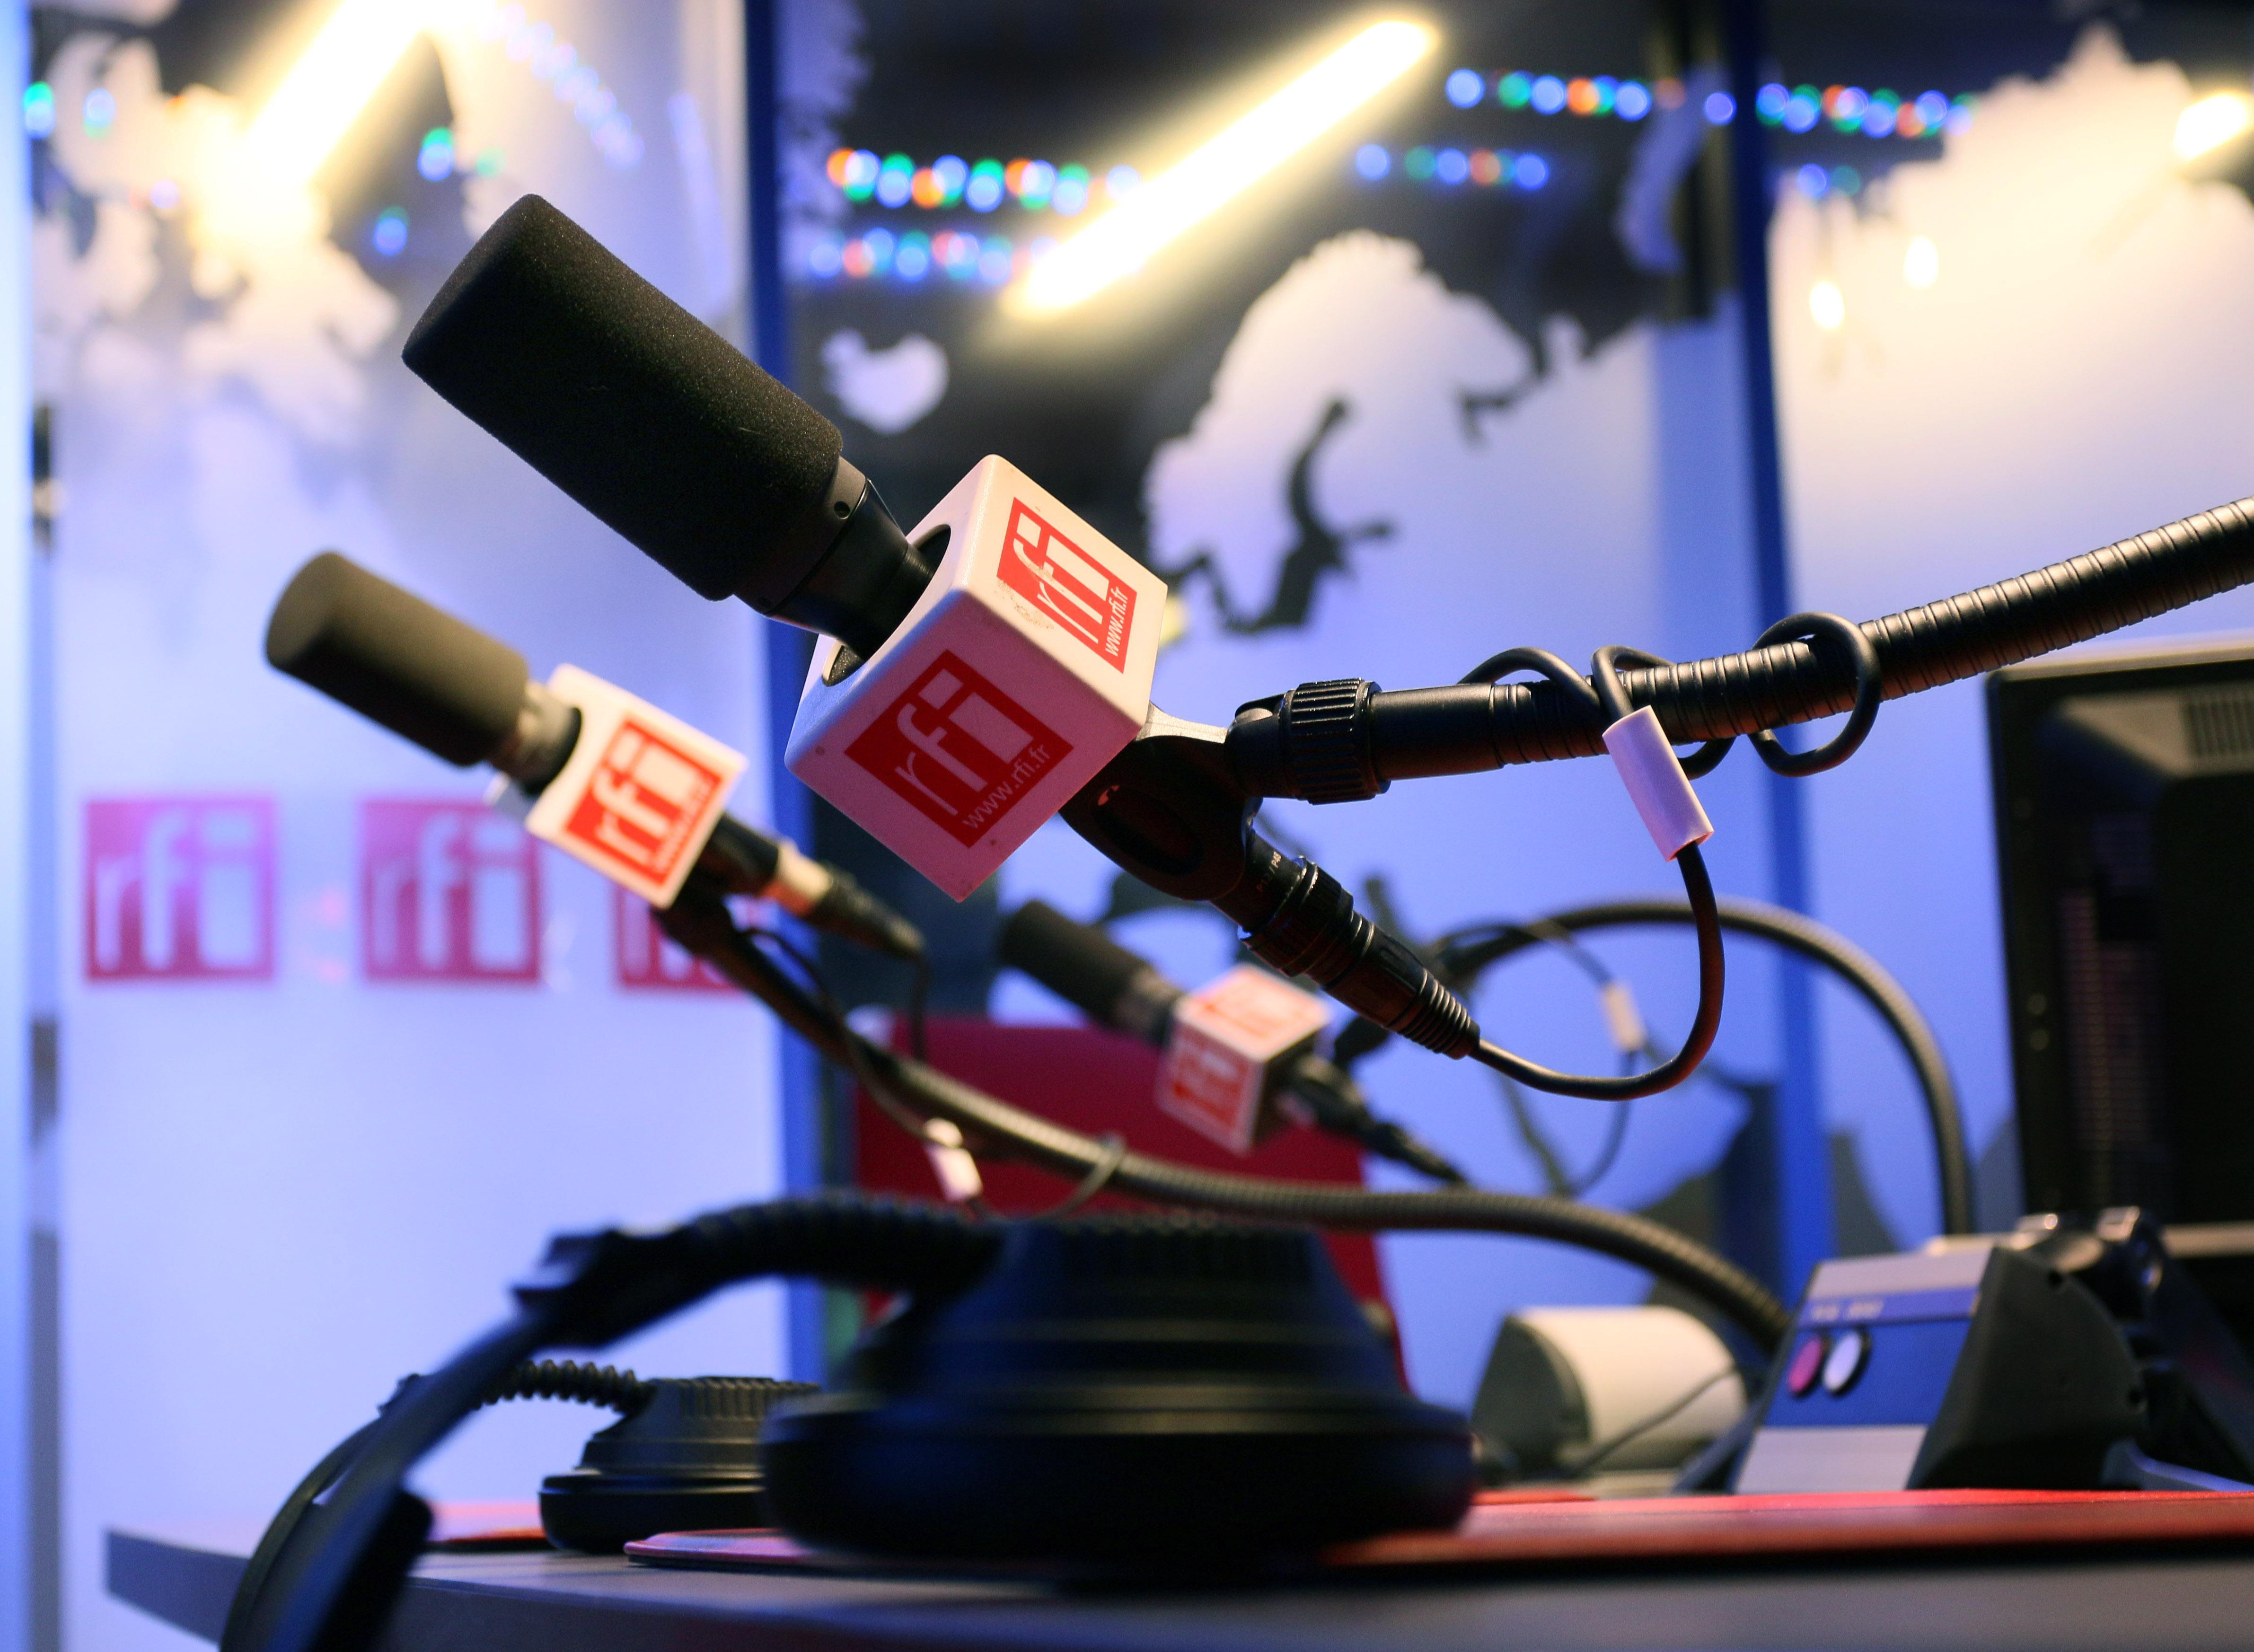 RFI : Stéphane Lagarde nommé envoyé spécial à Pékin